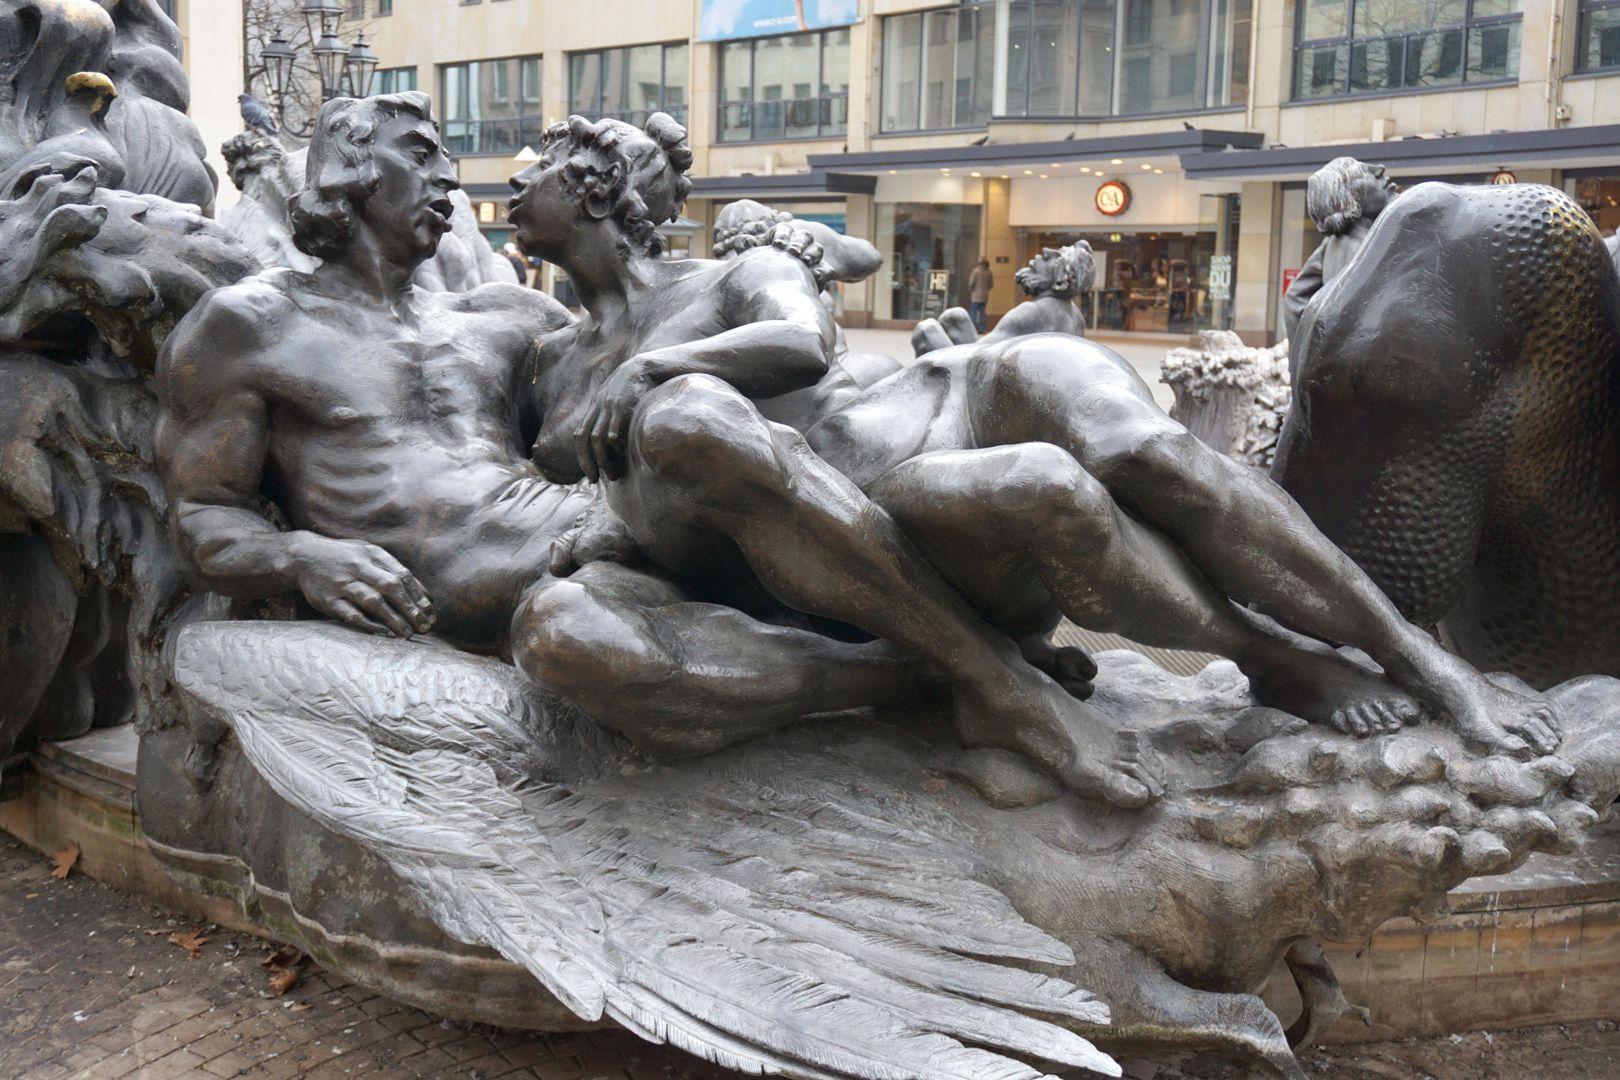 """Ehekarussell / Hans-Sachs-Brunnen Liebespaar auf dem """"Schwanenwagen"""" / Das nackte Paar küßt sich """"in den Federn"""" / """"...der Schwan stehr für die Liebe und ist außerdem ein häufiger Karussellwagen"""" (J.W.)"""